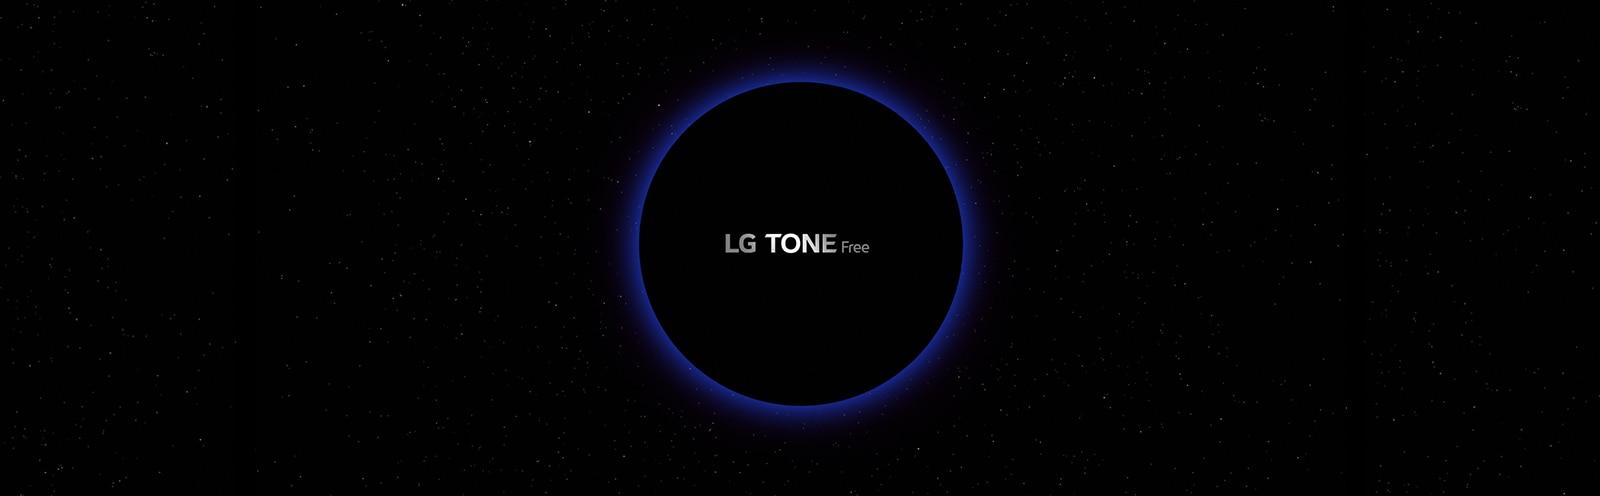 """ภาพอวกาศและวงกลมที่มีแสงสีฟ้าอยู่ตรงกลาง พร้อมด้วยข้อความ """"LG TONE Free"""" อยู่ข้างในวงกลม"""